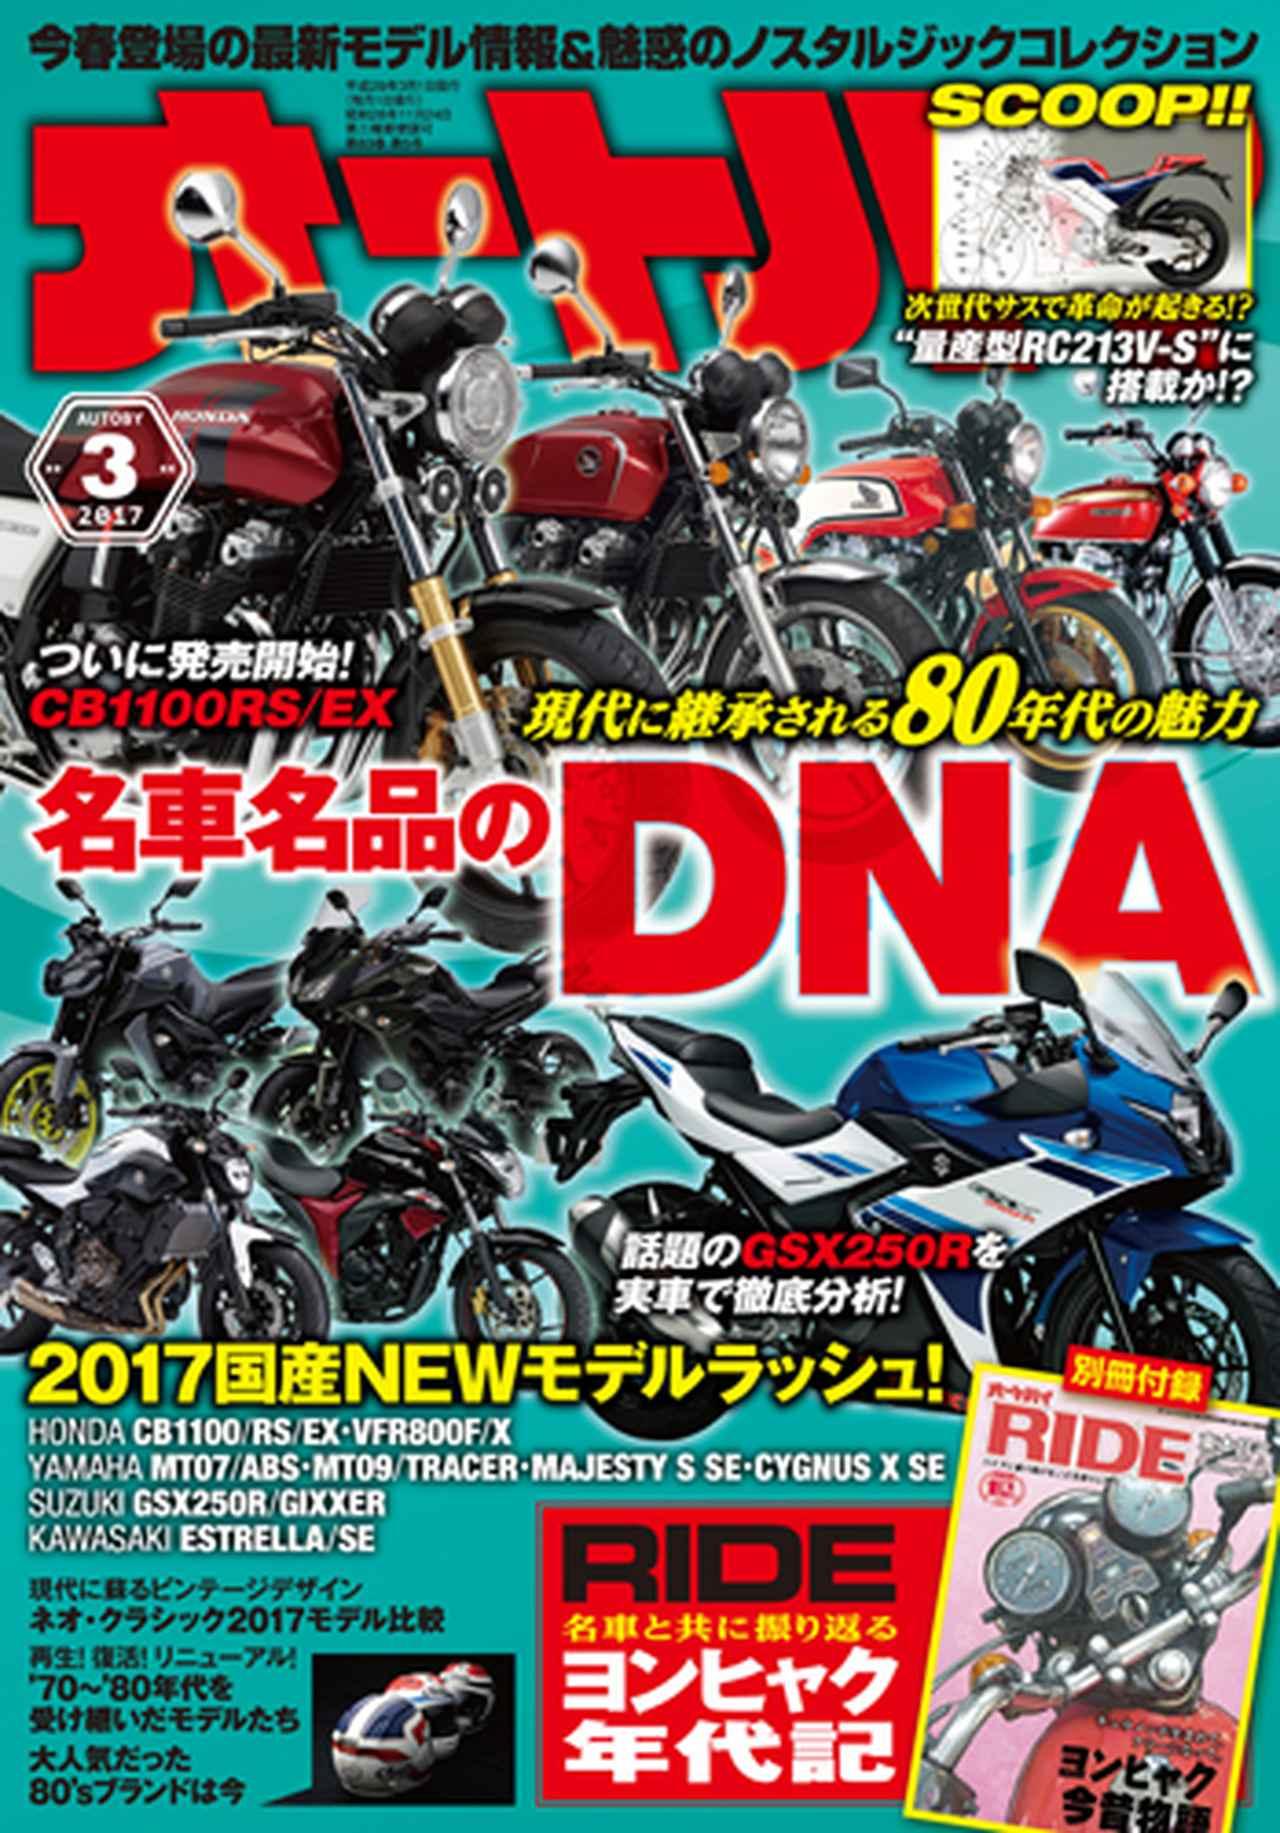 画像: Motor Magazine Ltd. / モーターマガジン社 / オートバイ 2017年 3月号